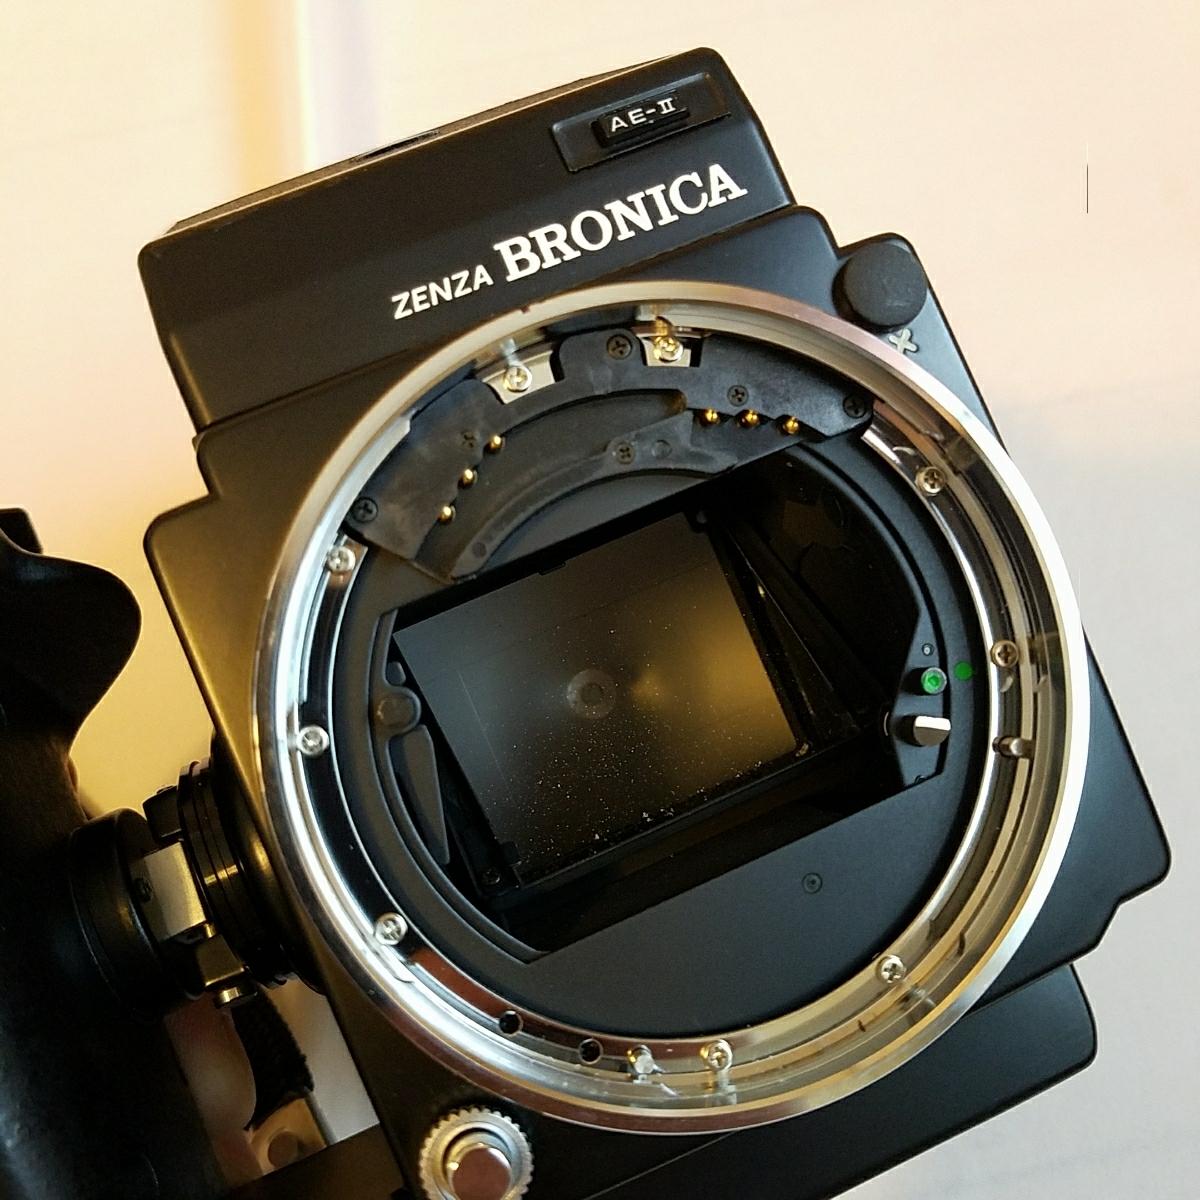 ブロニカ ZENZA BRONICA ETRS フィルムカメラ おまけ付き_画像8